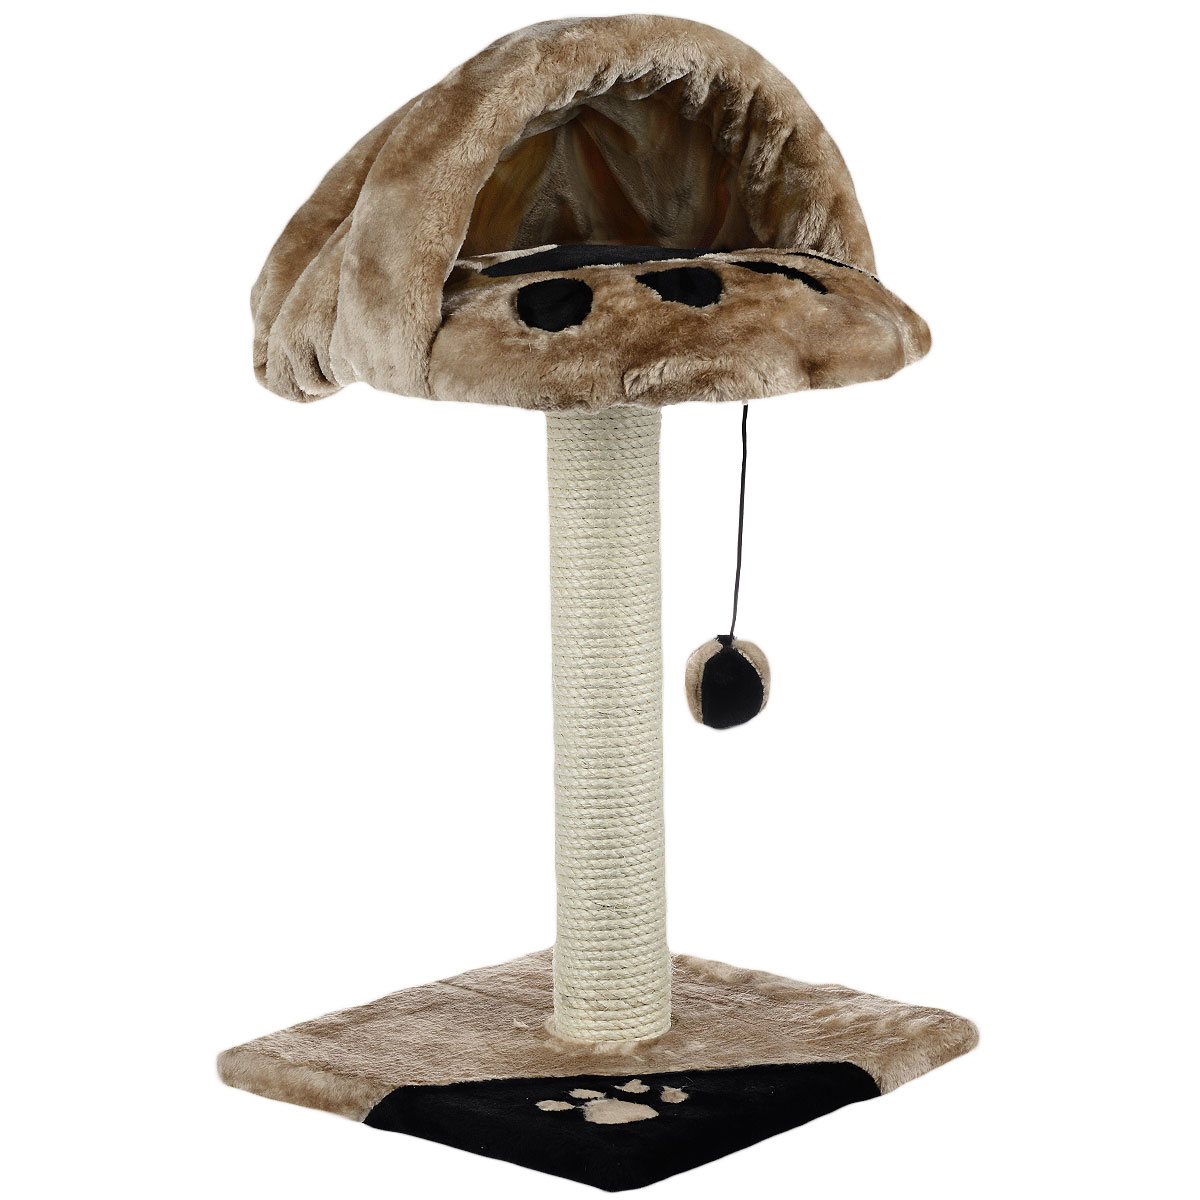 Когтеточка-дом I.P.T.S., с норой. 164240120710Когтеточка-дом I.P.T.S. понравится вашему любимцу, ведь, помимо своей главной функции, она служит отличным местом для комфортного отдыха.Кошка может точить свои когти о столбик, который является основанием дома. Наверху расположена удобная нора, куда ваш питомец может спрятаться. Также когтеточка оснащена мячиком на веревочке для игр.